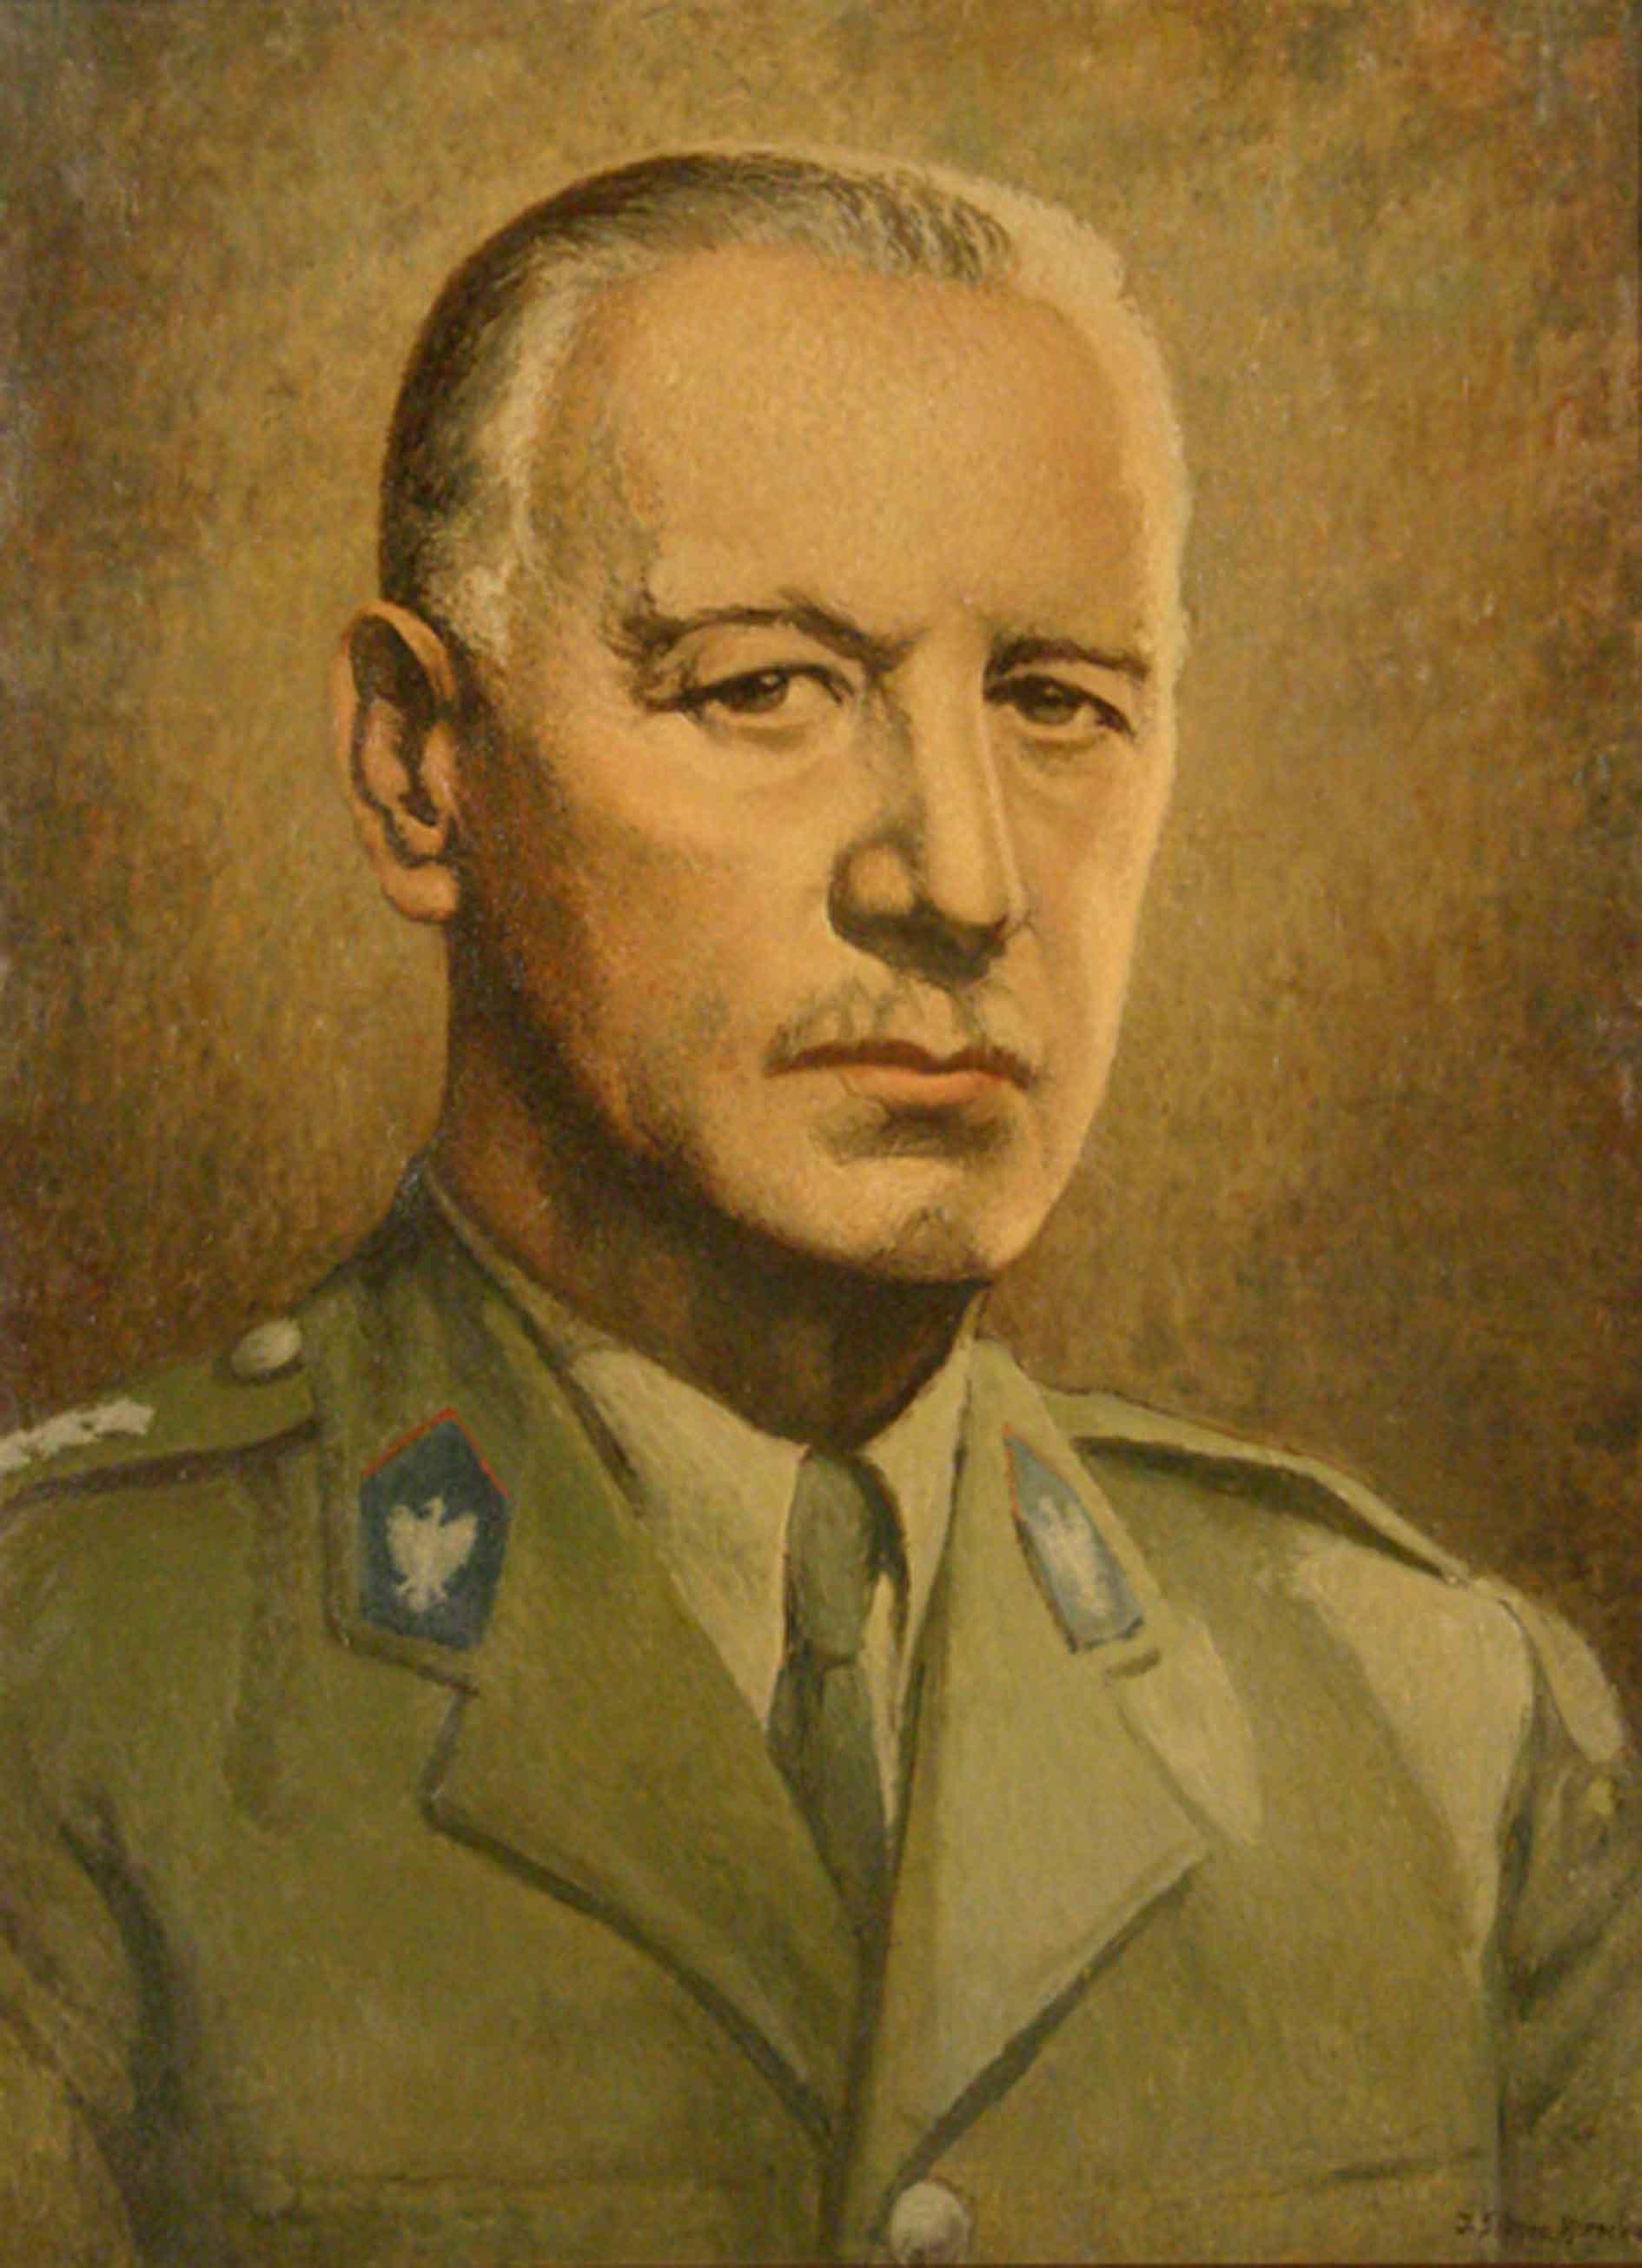 Portret generała broni Władysława Sikorskiego